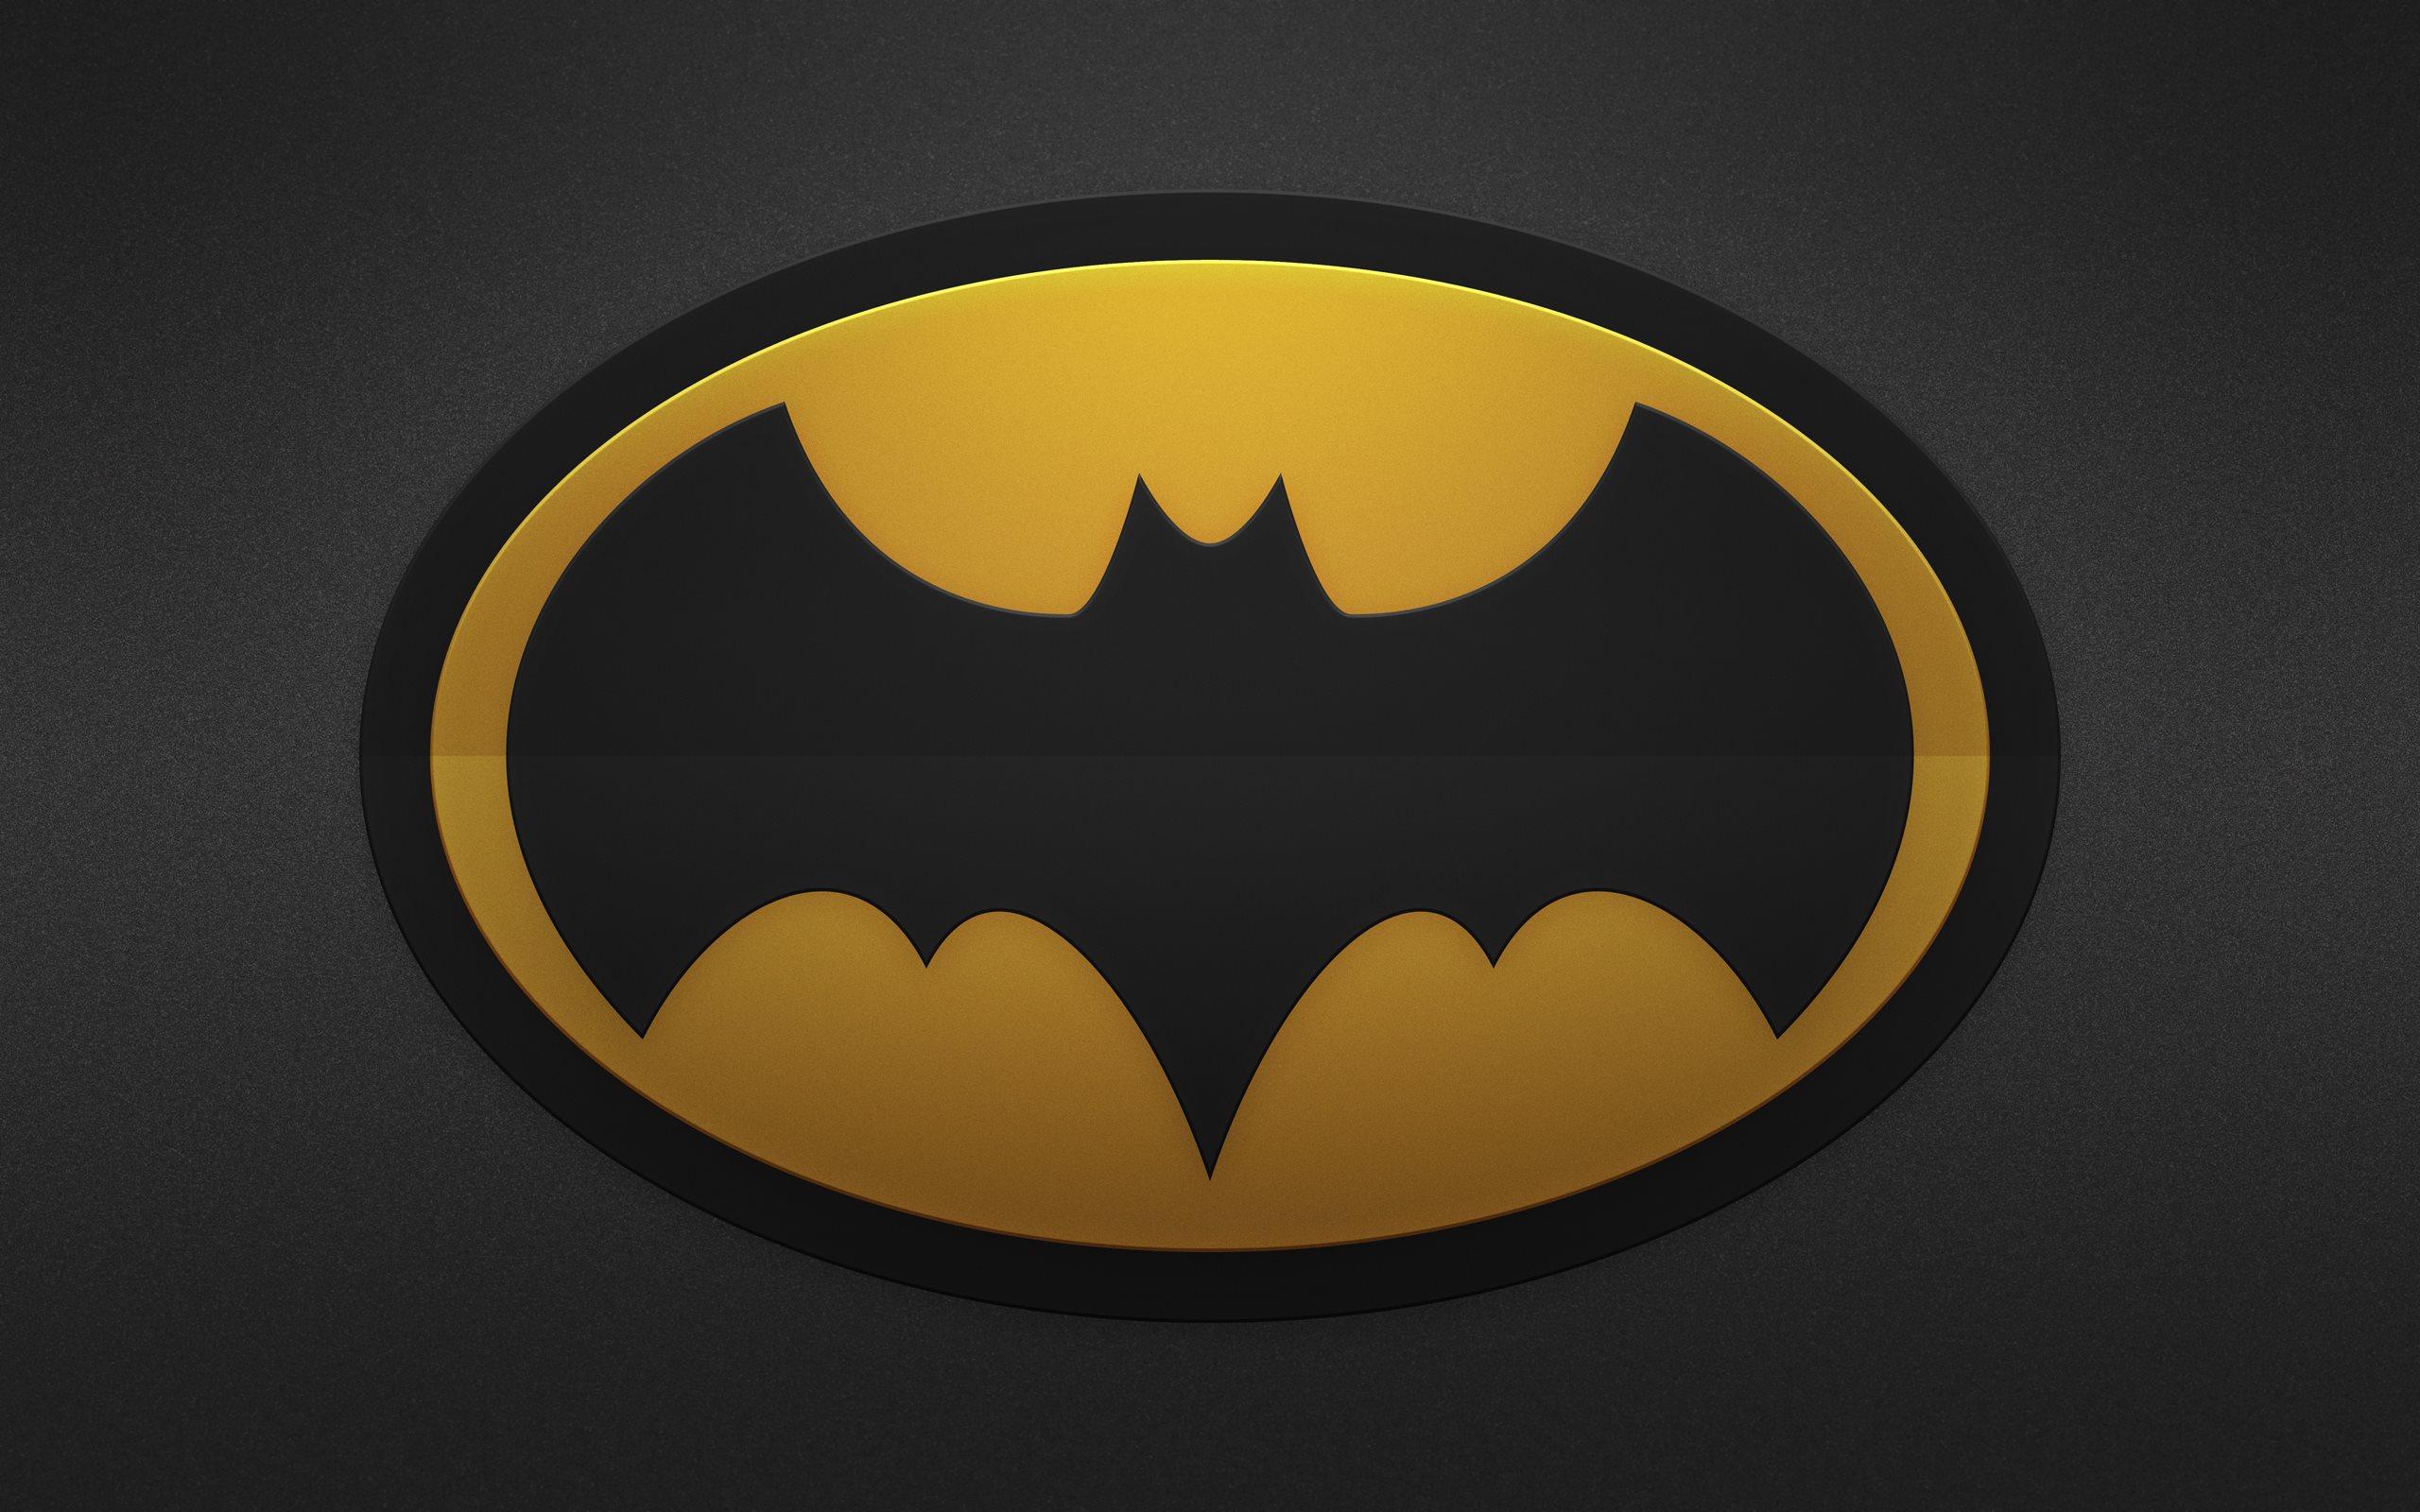 Как нарисовать знак Бэтмена